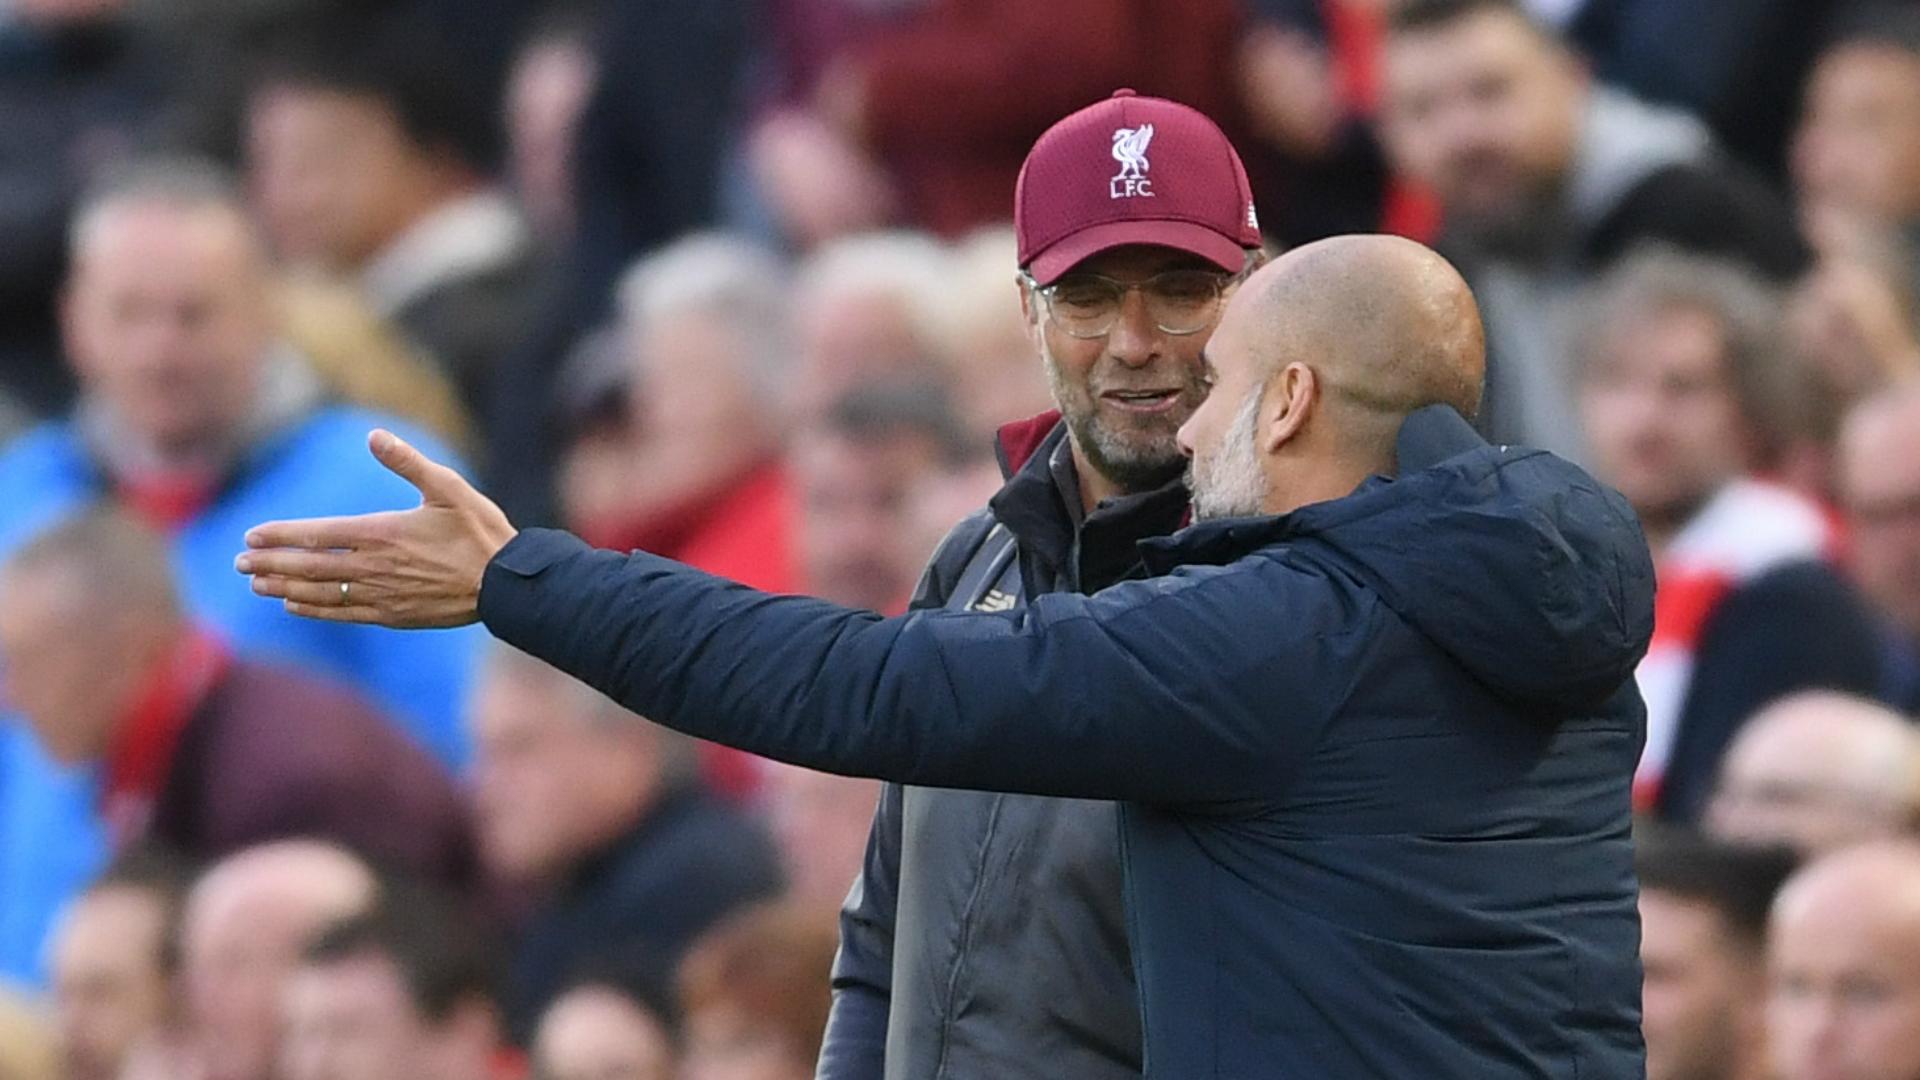 """""""Jürgen, c'est Pep!"""" - Klopp révèle les détails de l'appel de Guardiola en finale de la Ligue des champions"""